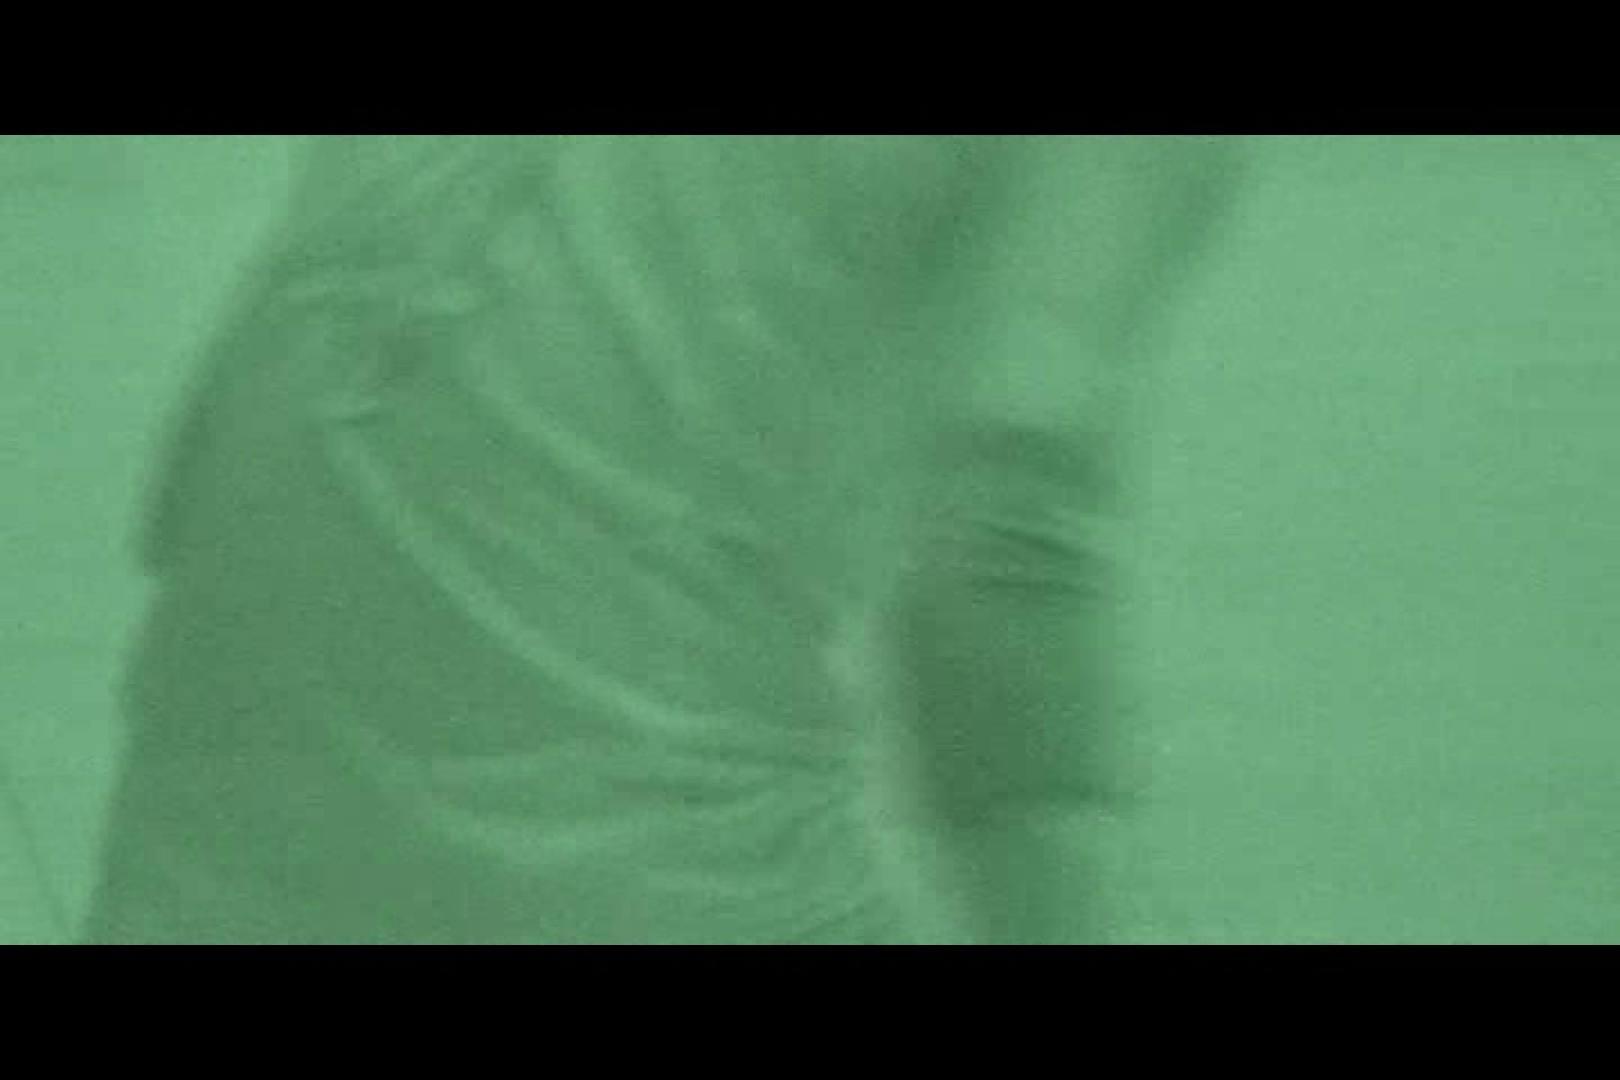 赤外線ムレスケバレー(汗) vol.20 OLのエロ生活   赤外線  93連発 10